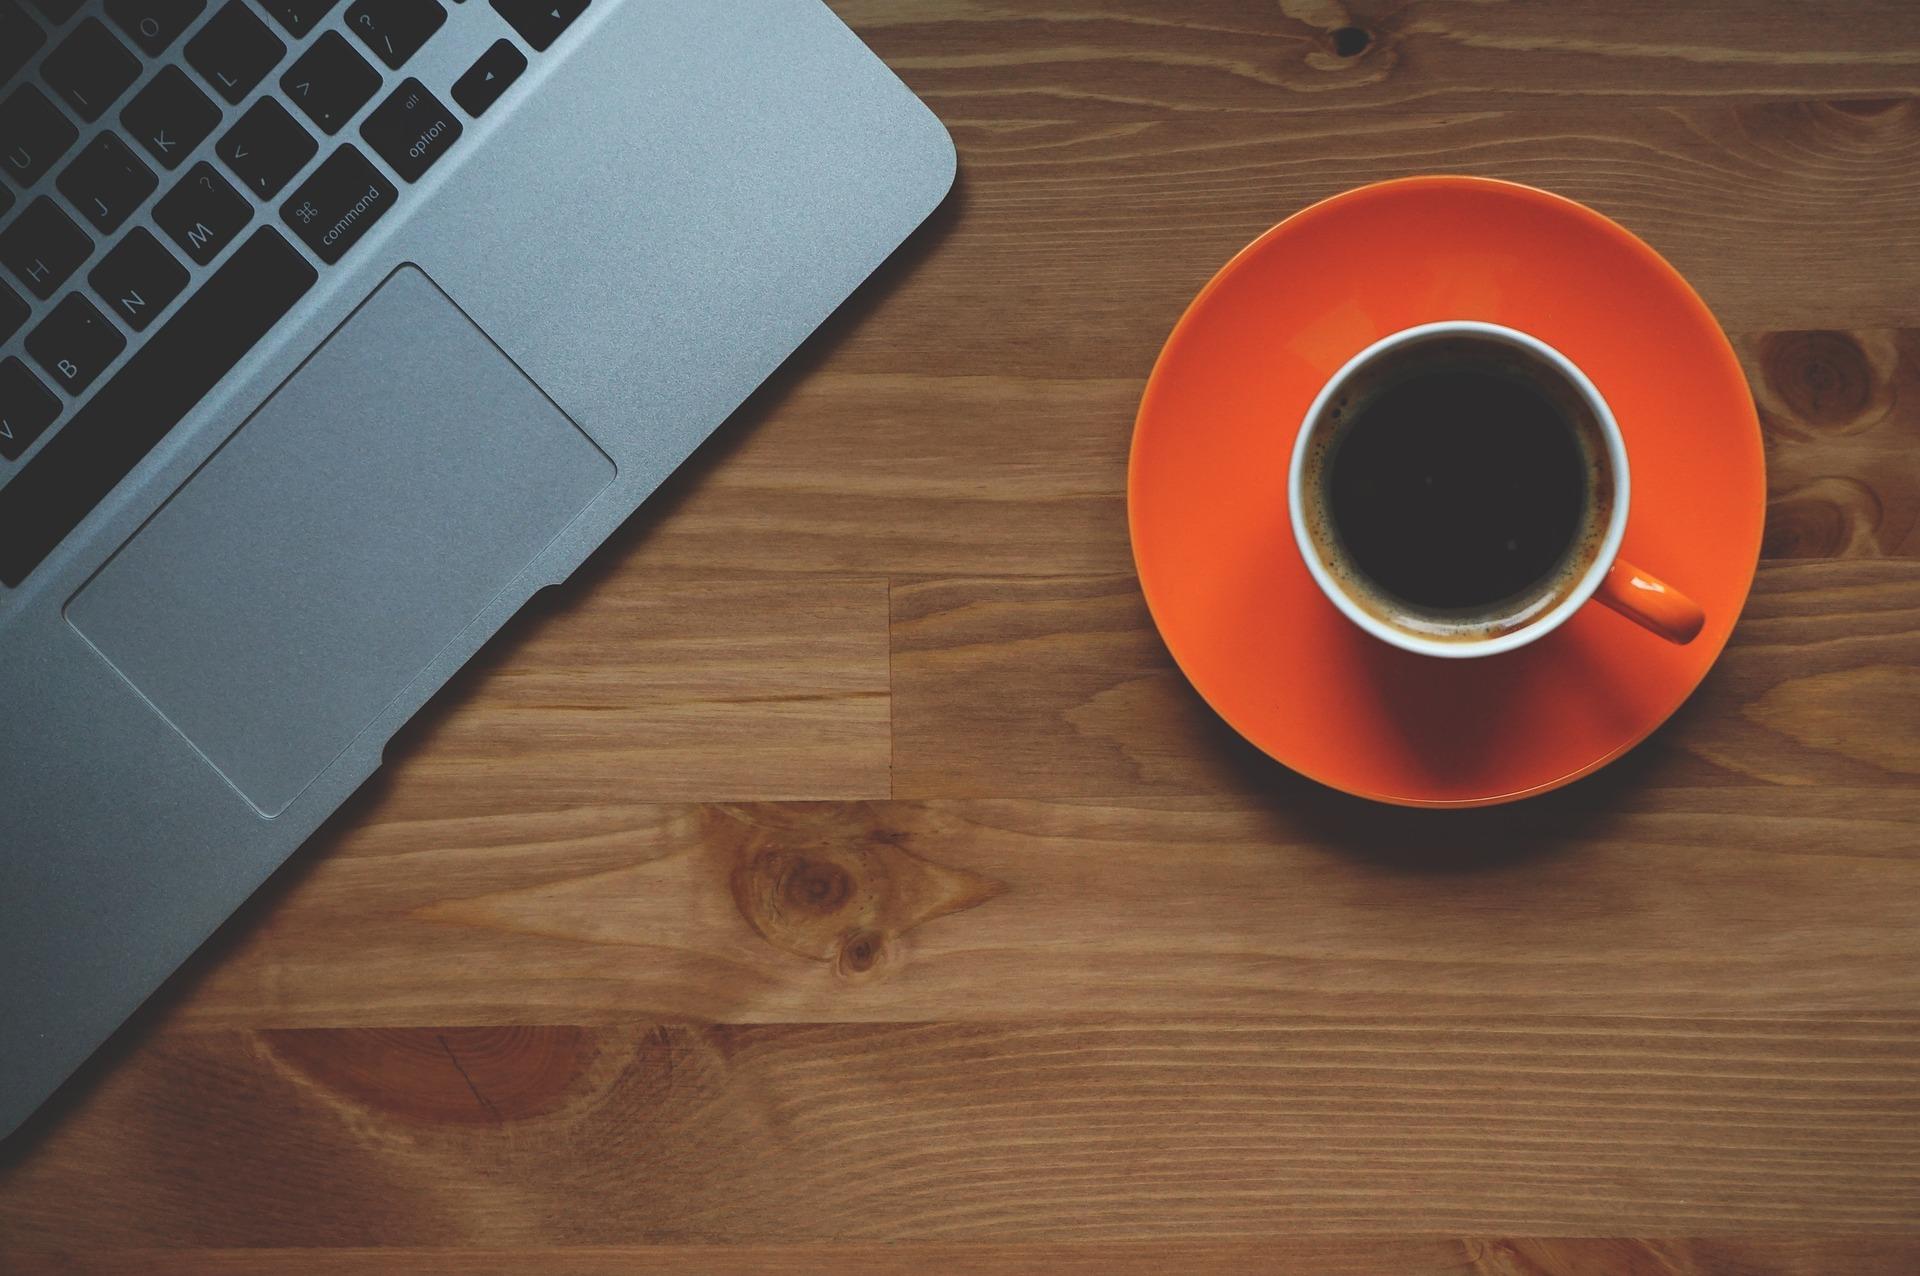 Xícara de café, computador, Portable, MacBook, Escritório, café - Papéis de parede - Professor-falken.com